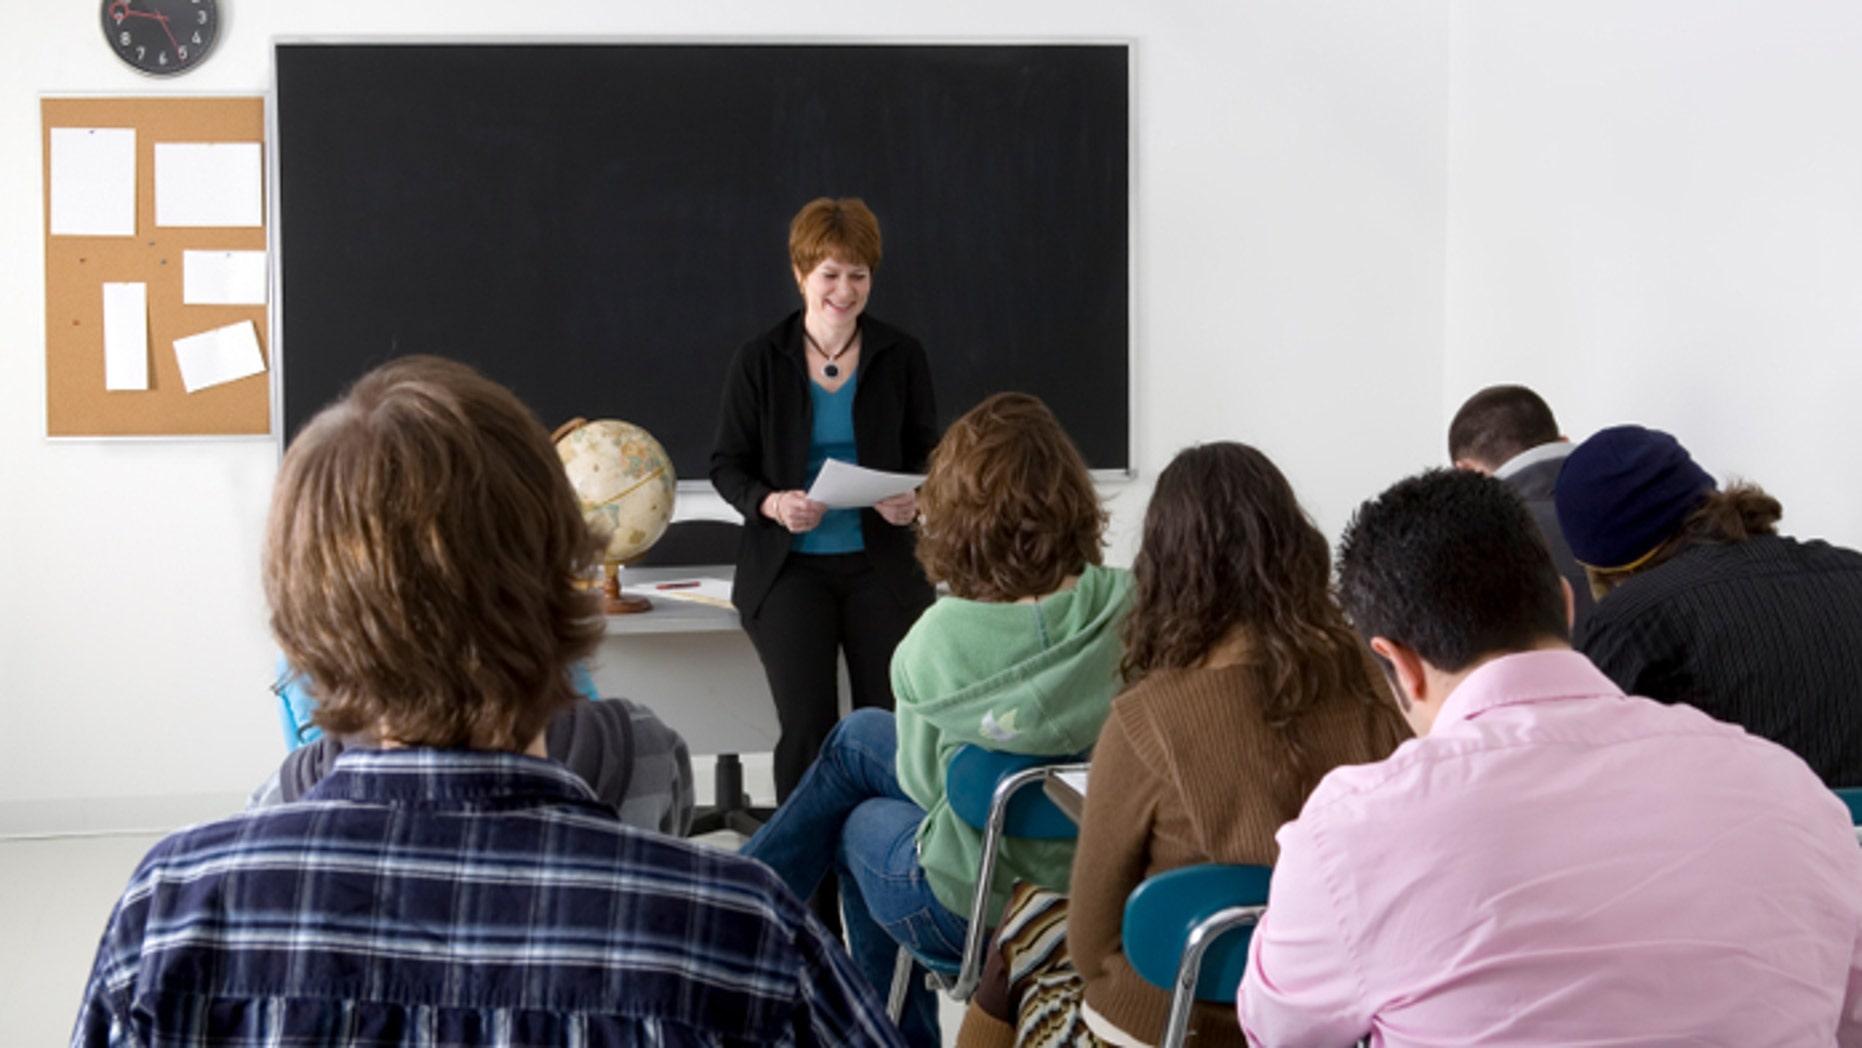 A teacher conducting a high school class.